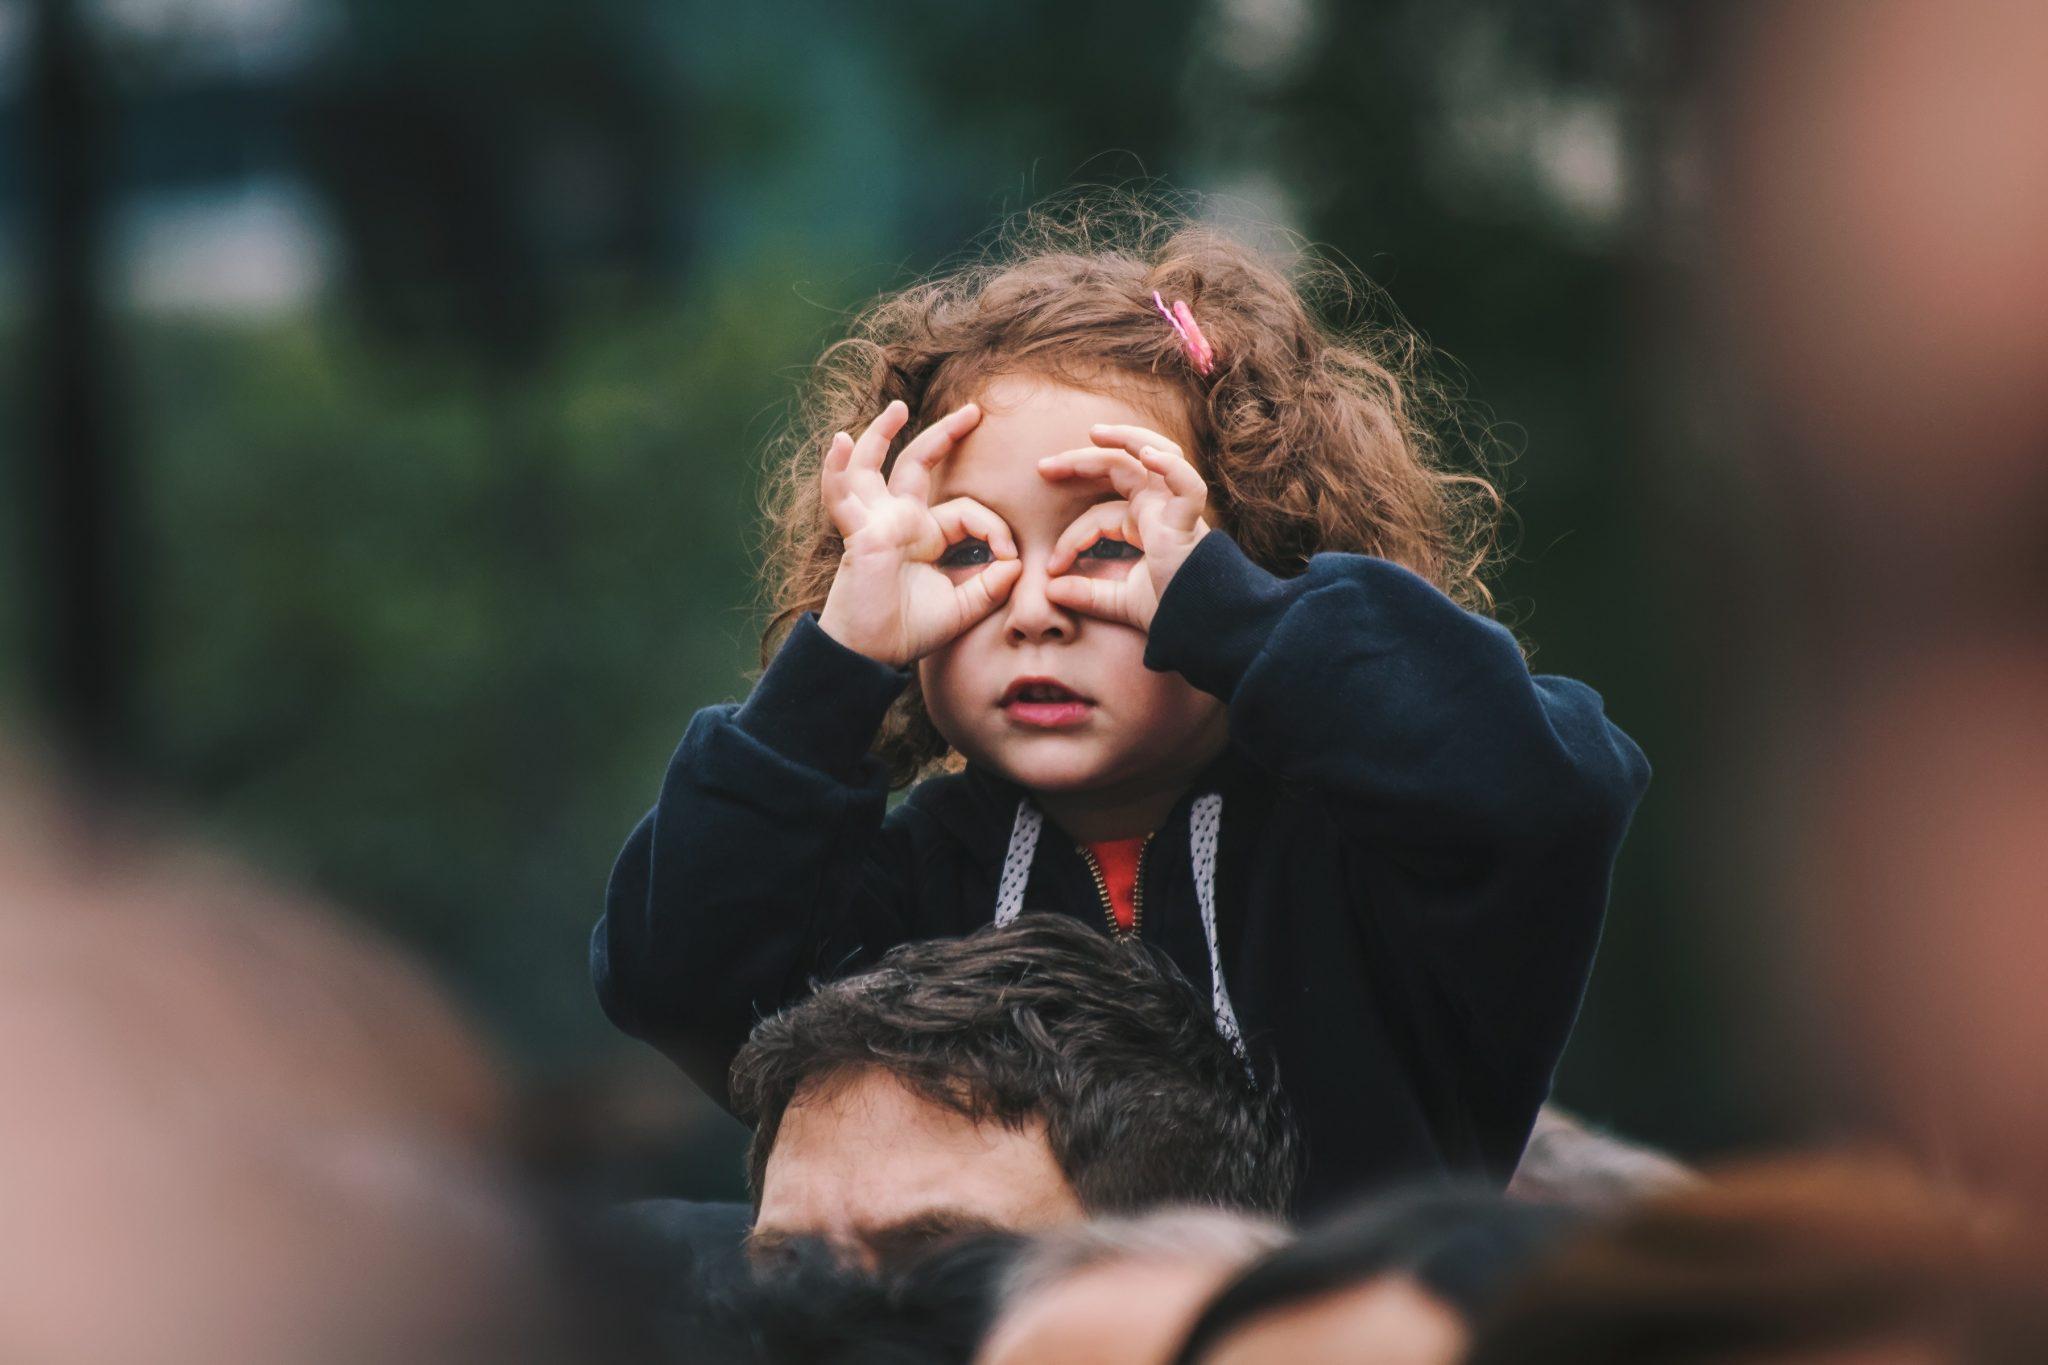 Bambina sulle spalle del padre che guarda al futuro, metafora del placement dei giovani